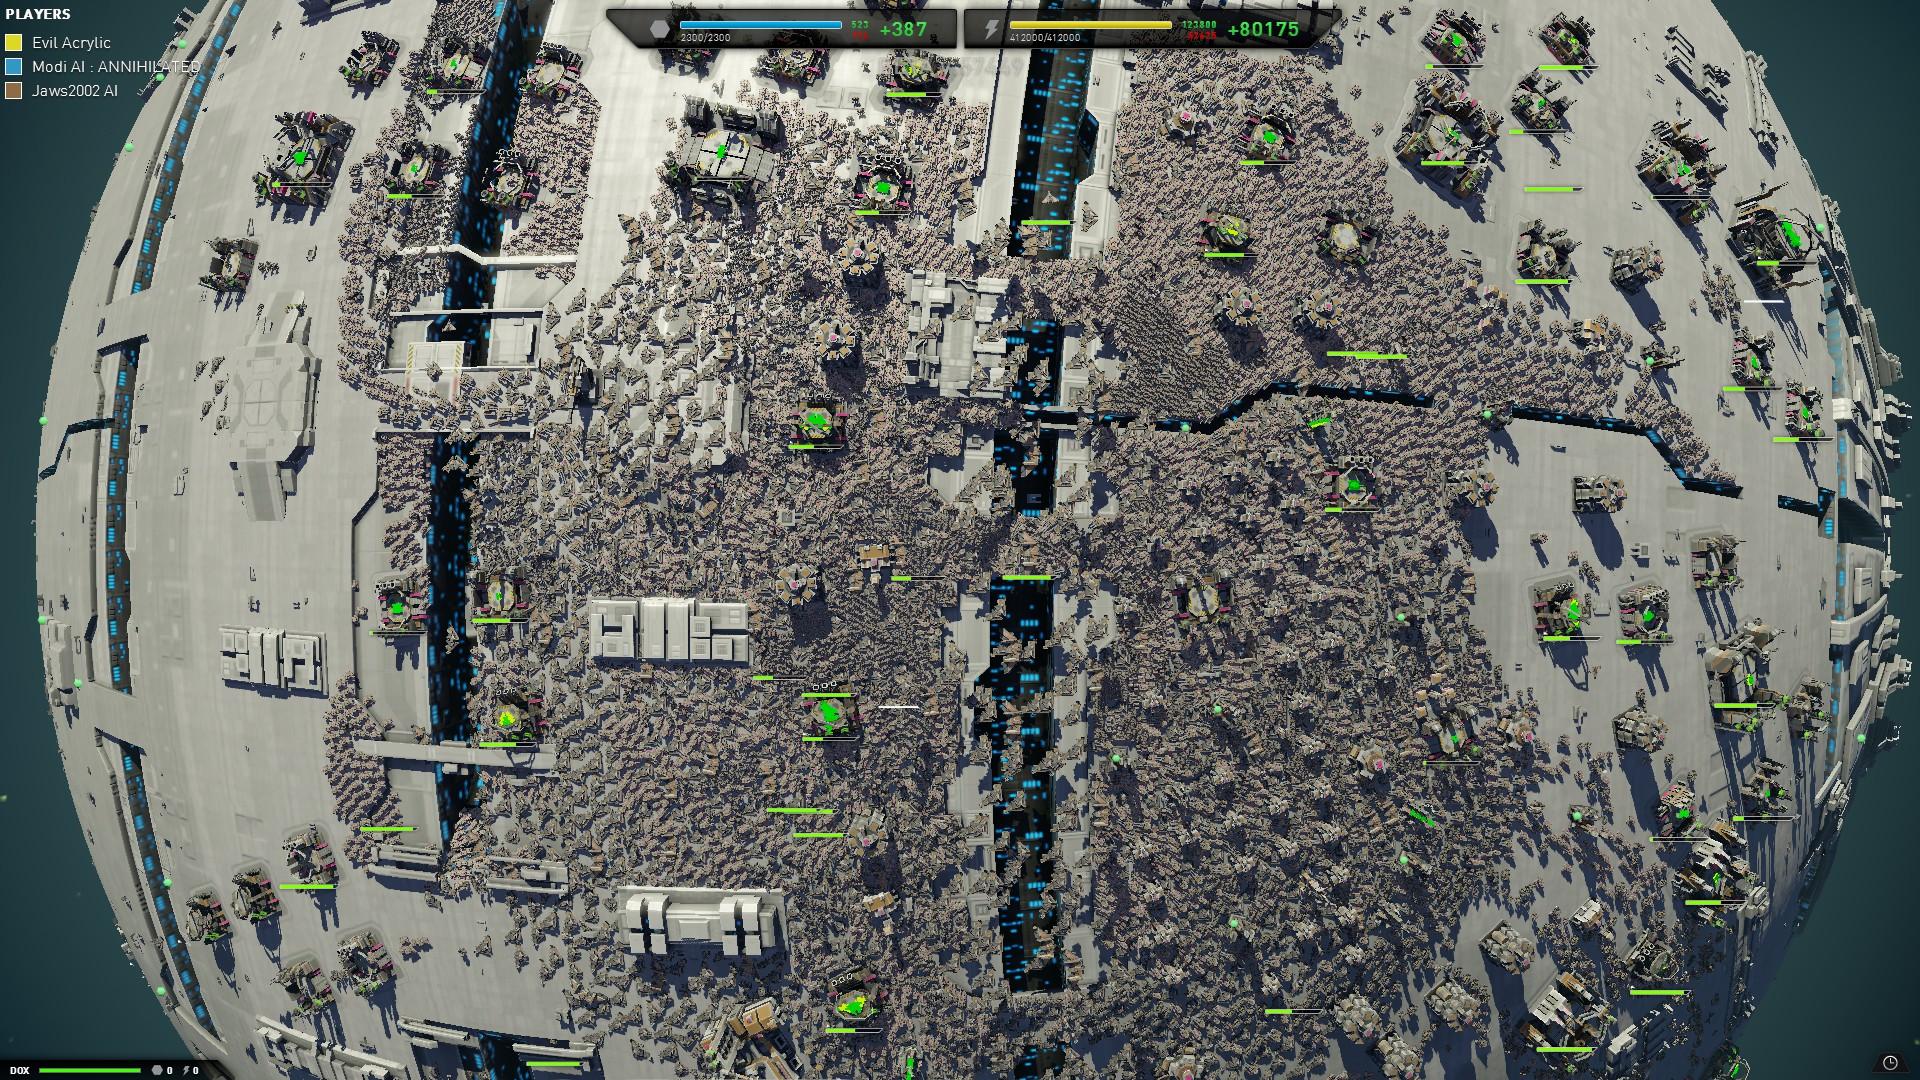 233250_screenshots_2013-11-26_00001.jpg